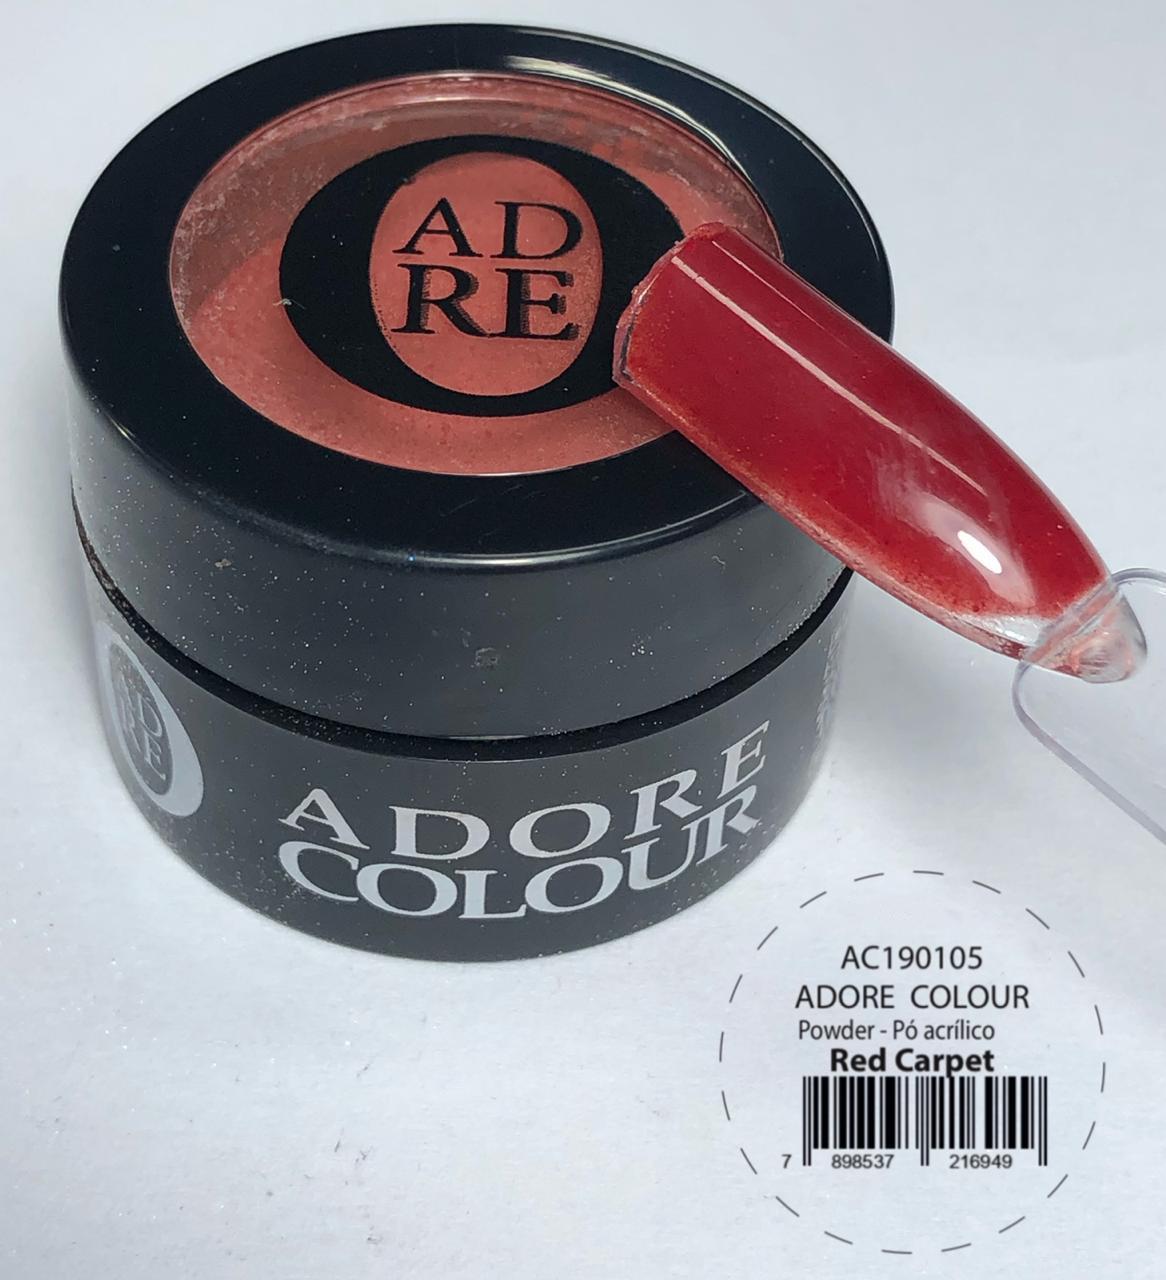 Pó Acrílico Adore Colour Powder - Red Carpet (5g)